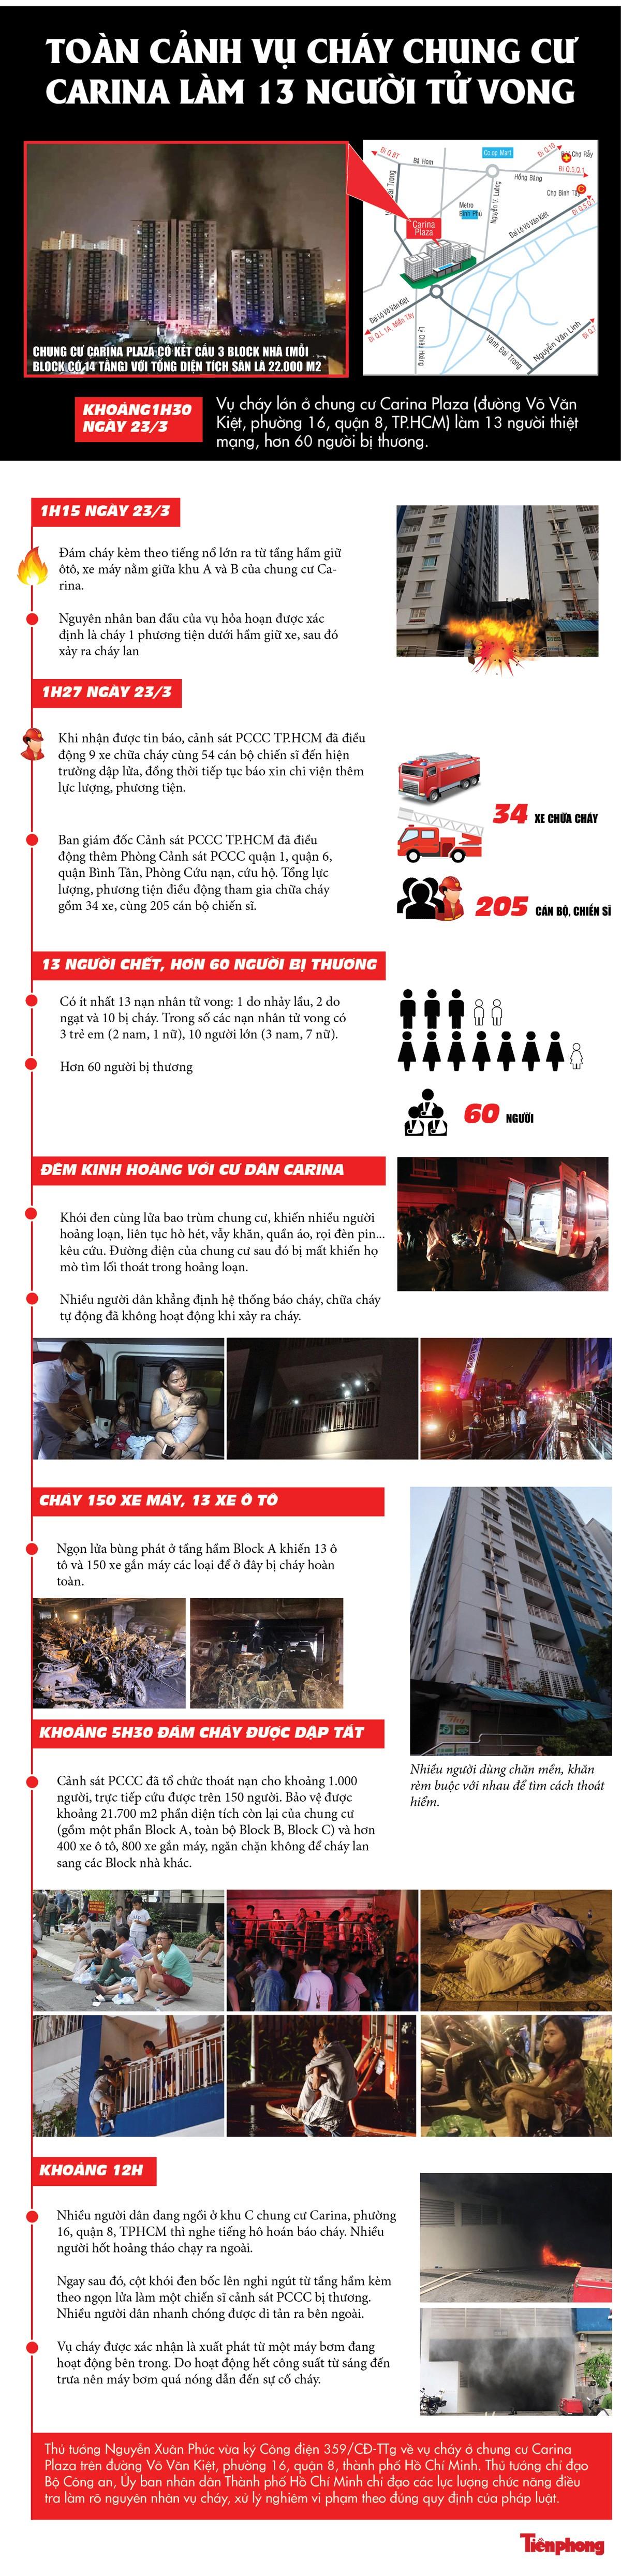 [Infographics] Toàn cảnh vụ cháy kinh hoàng khiến 13 người tử vong ảnh 1